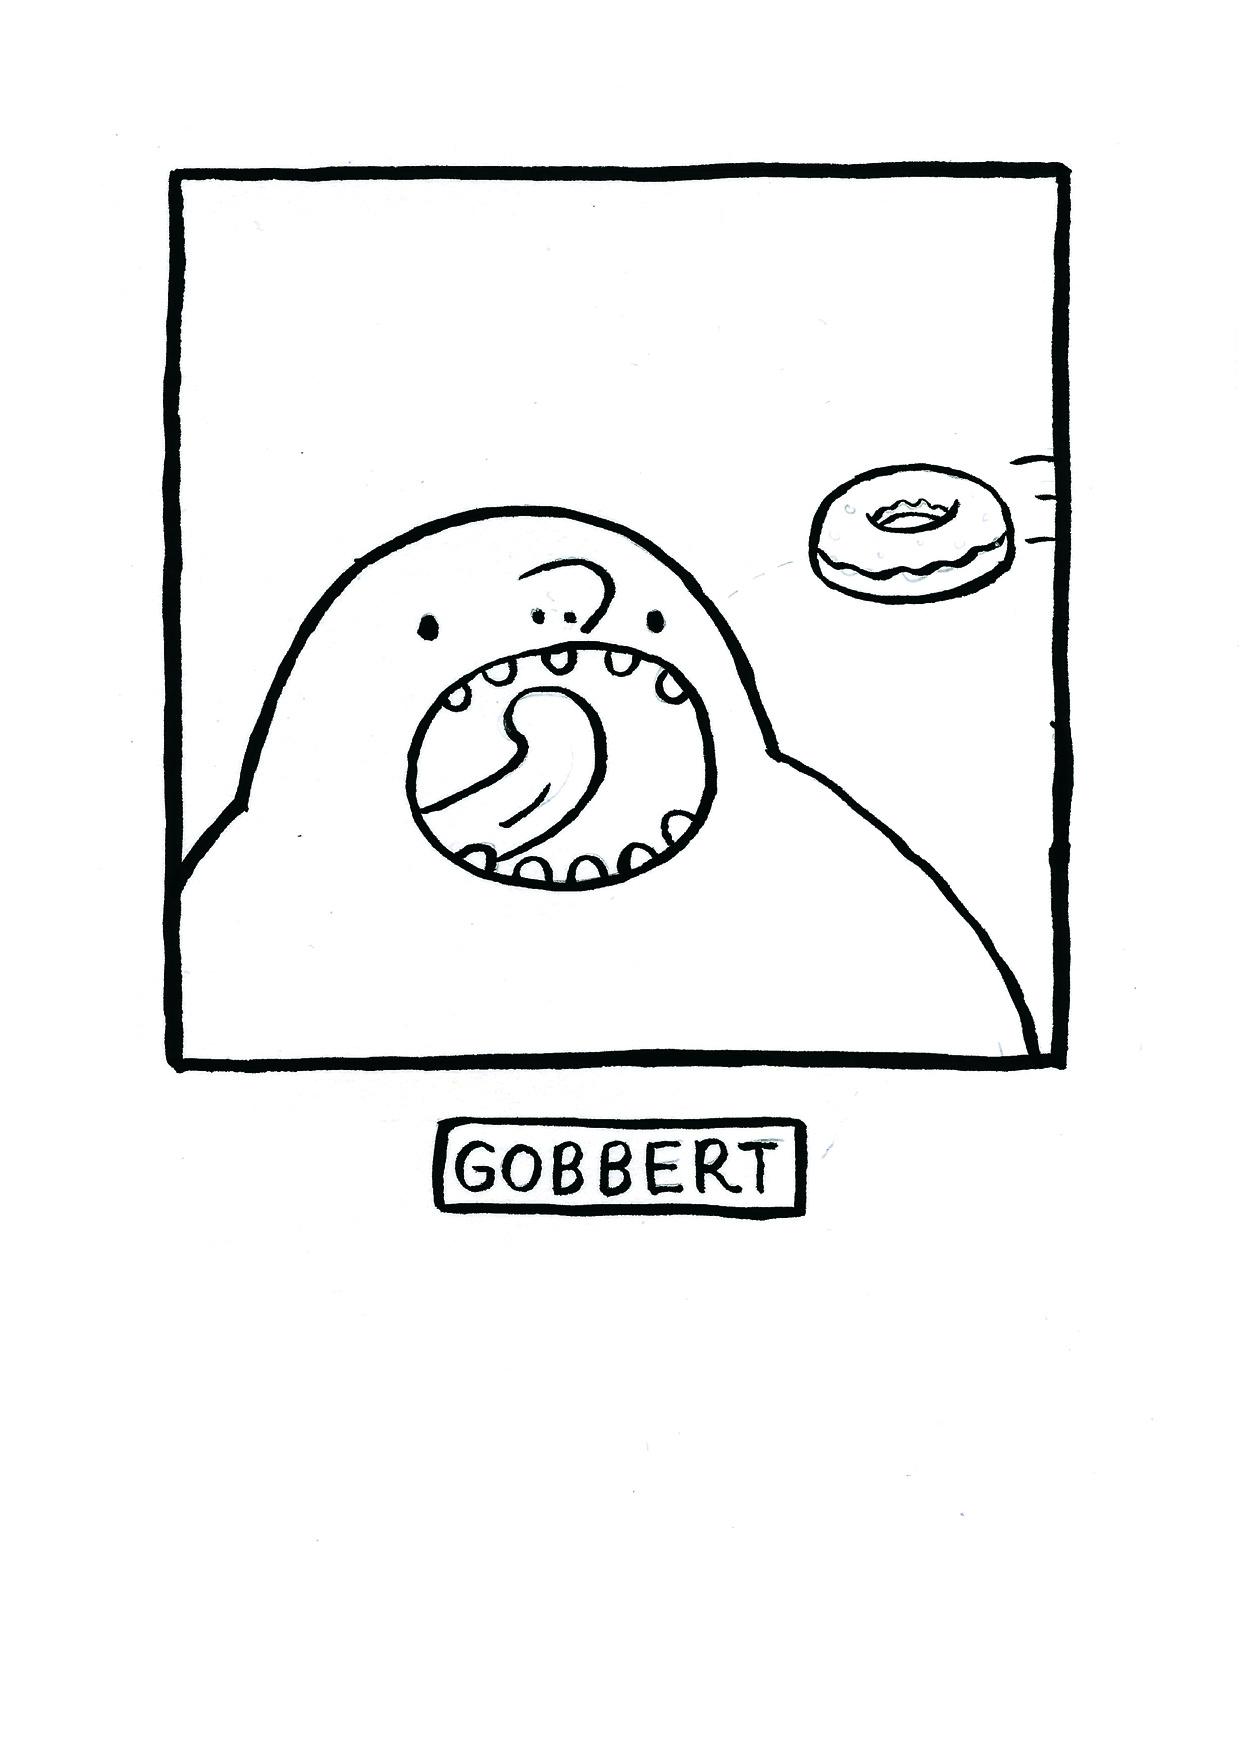 Gobbert